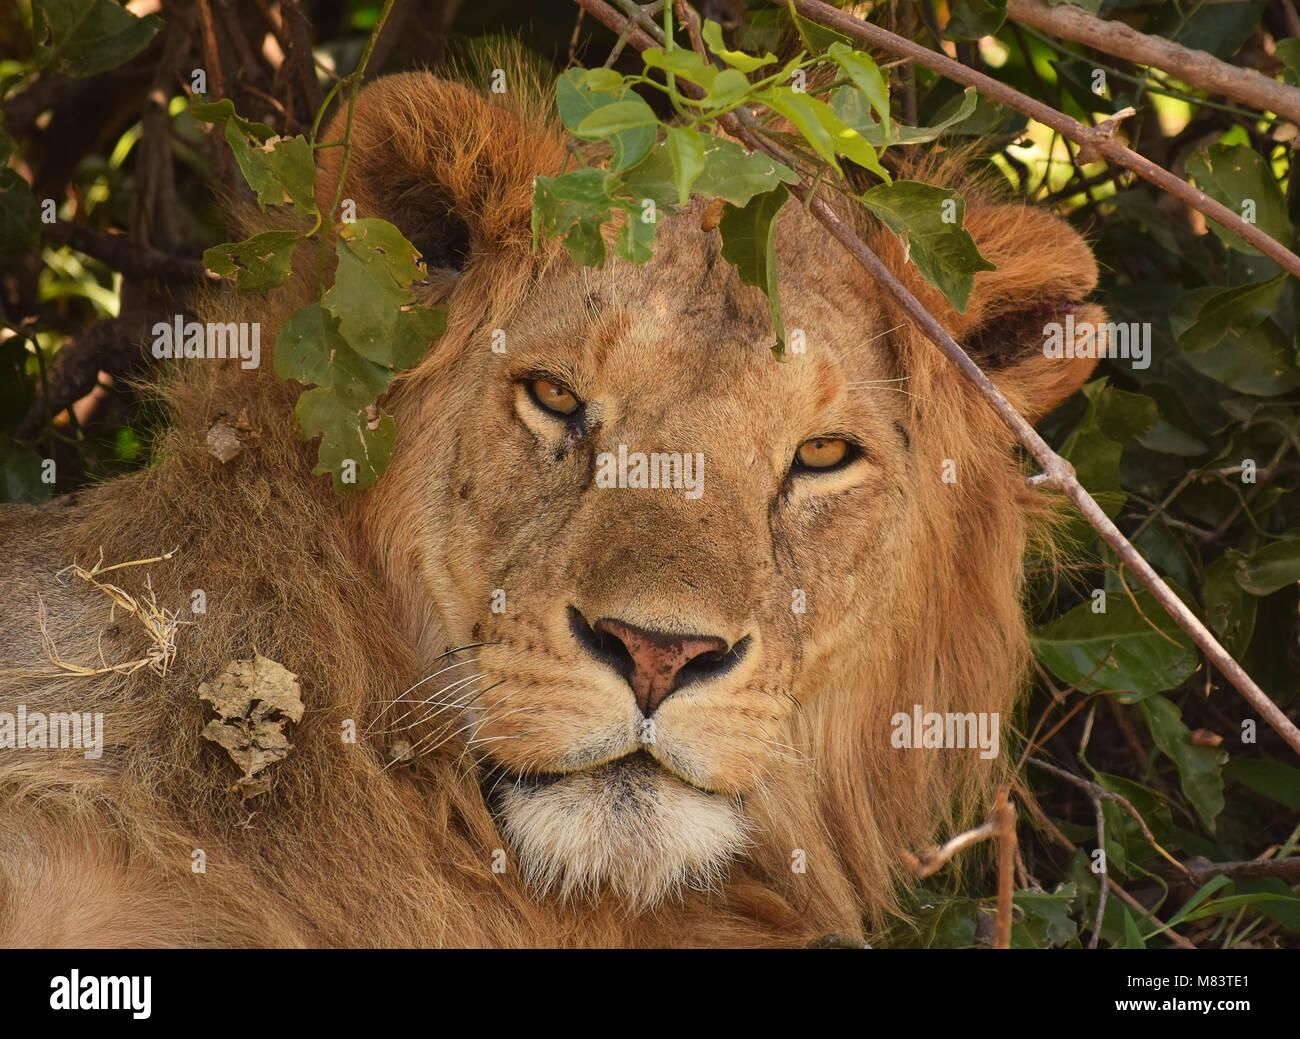 Lion close up portrait - Stock Image